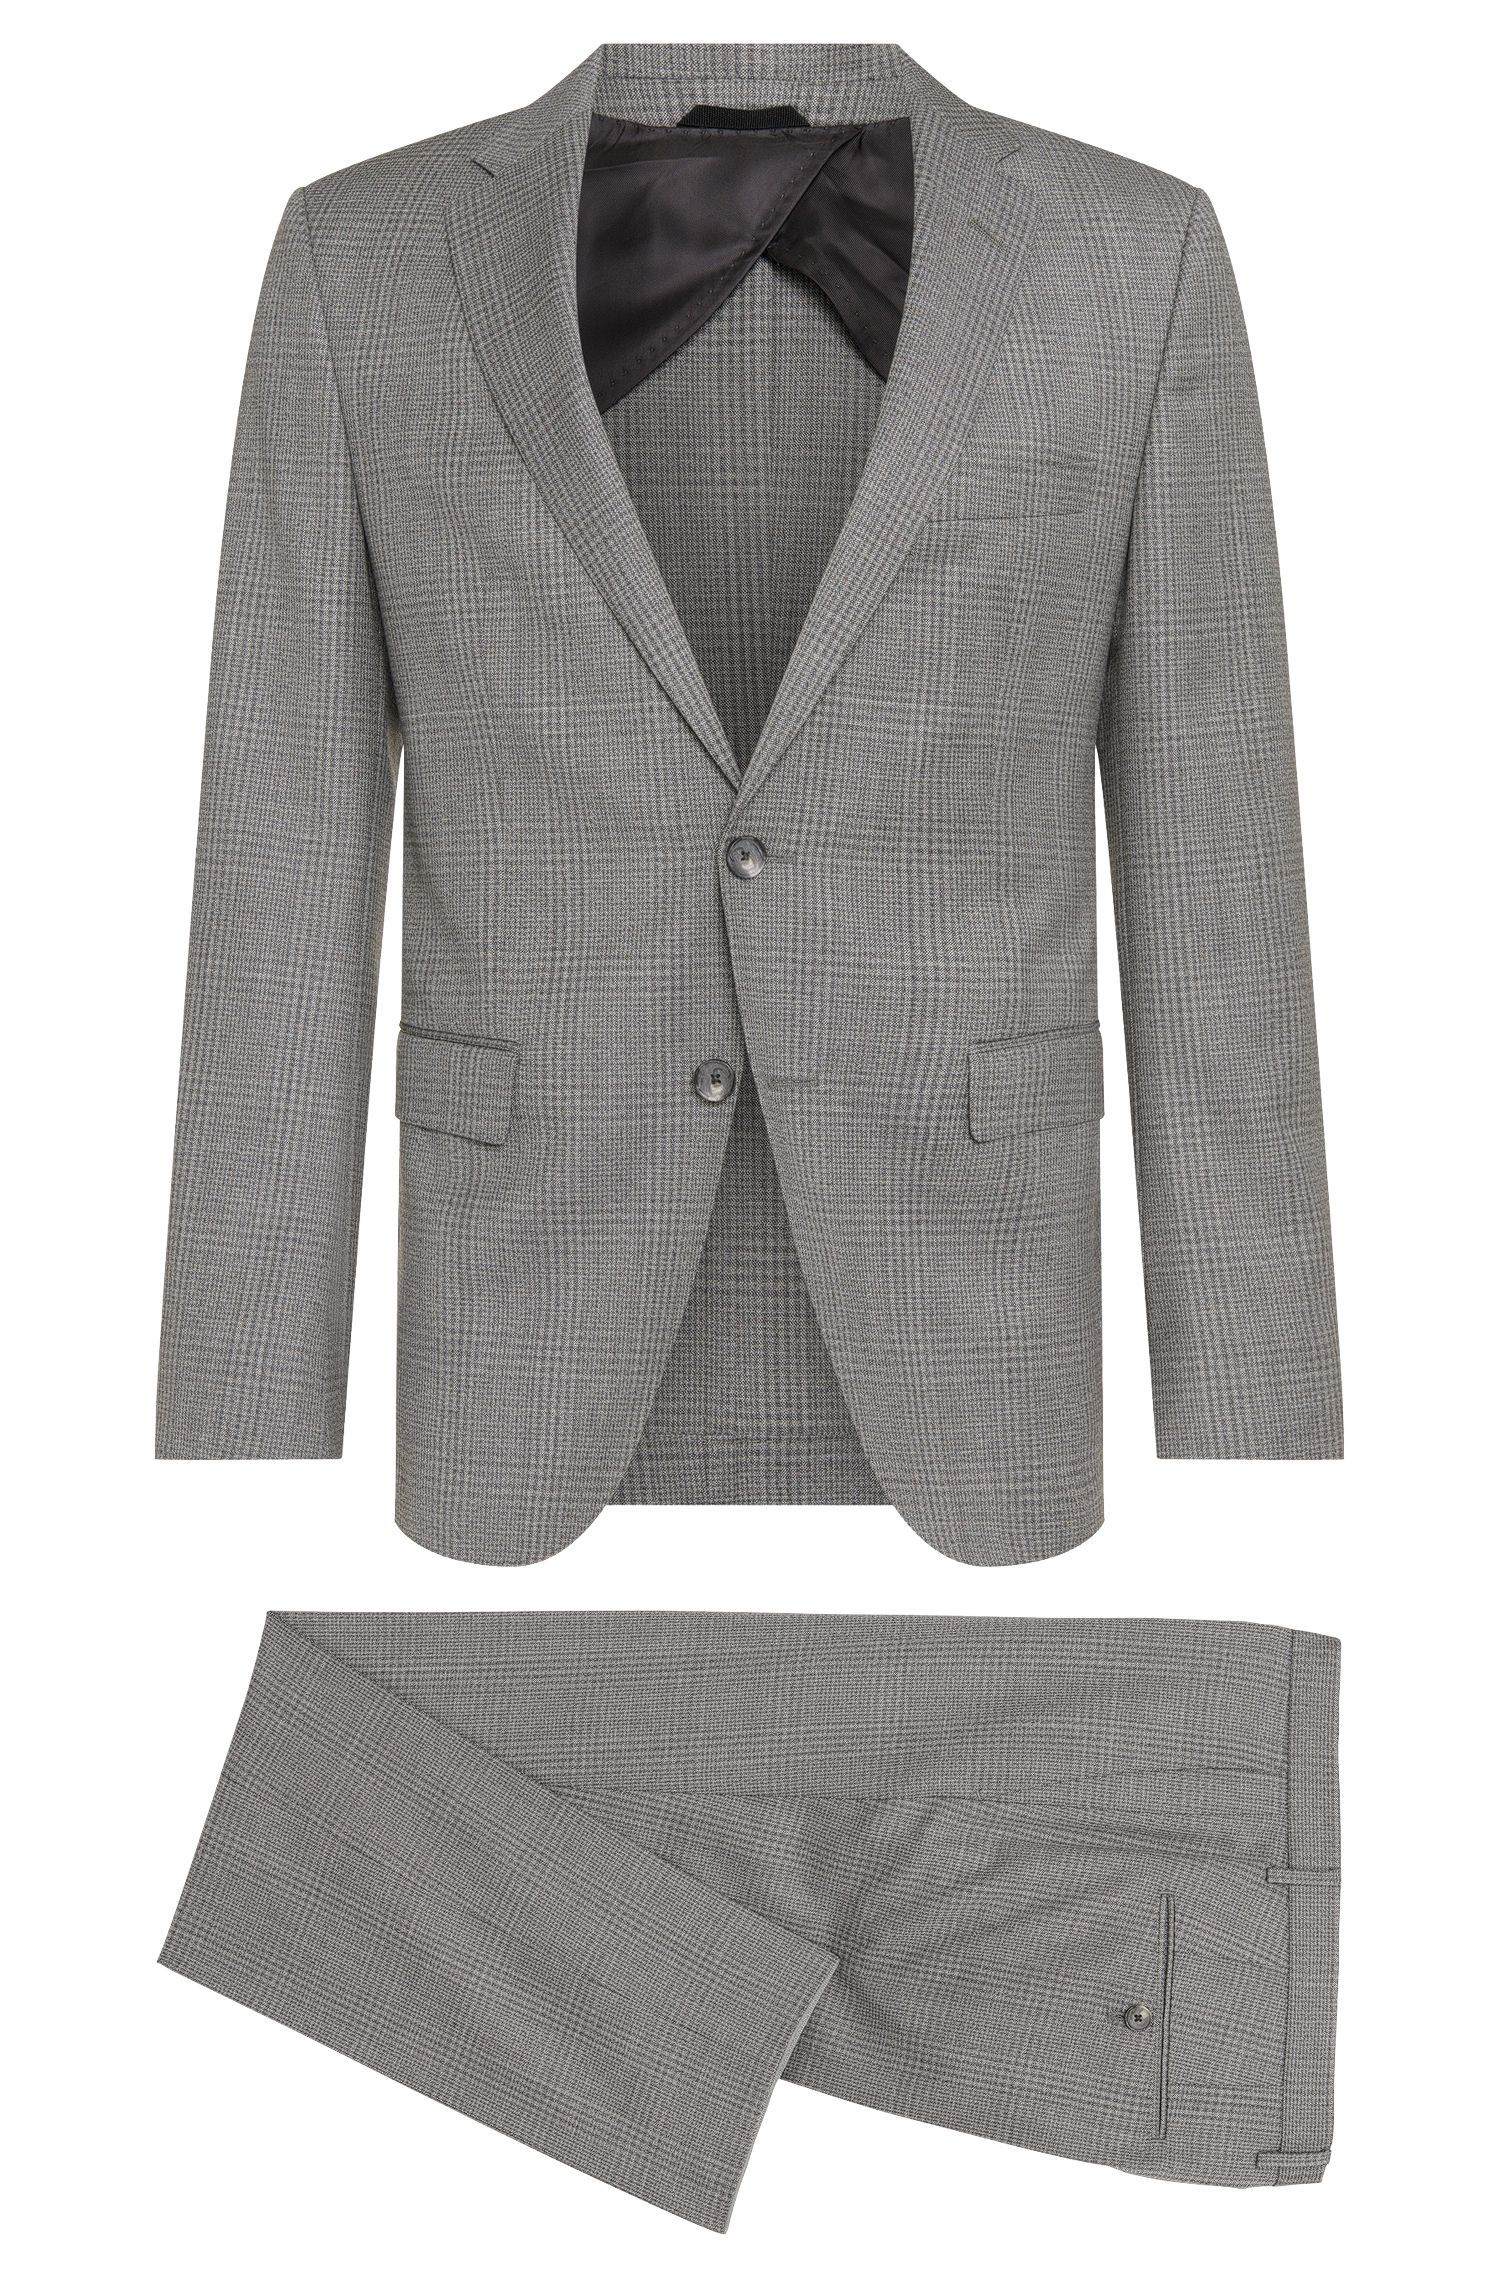 'Nortan/Benno' | Slim Fit, Virgin Wool Plaid Suit